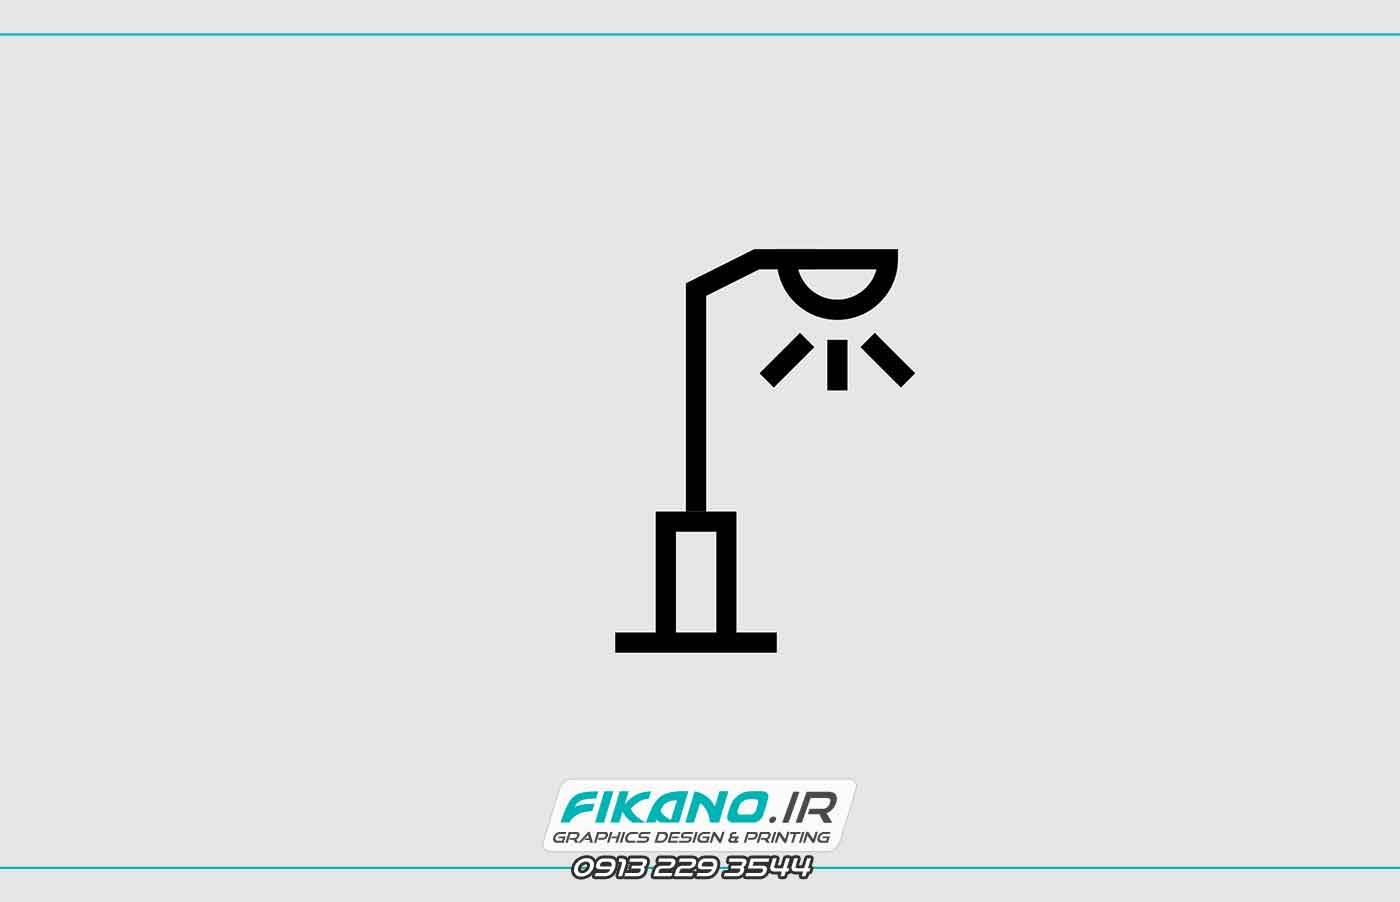 سفارش طراحی جلد پیکتوگرام و طراحی هویت بصری - وب سایت فیکانو www.fikano.ir